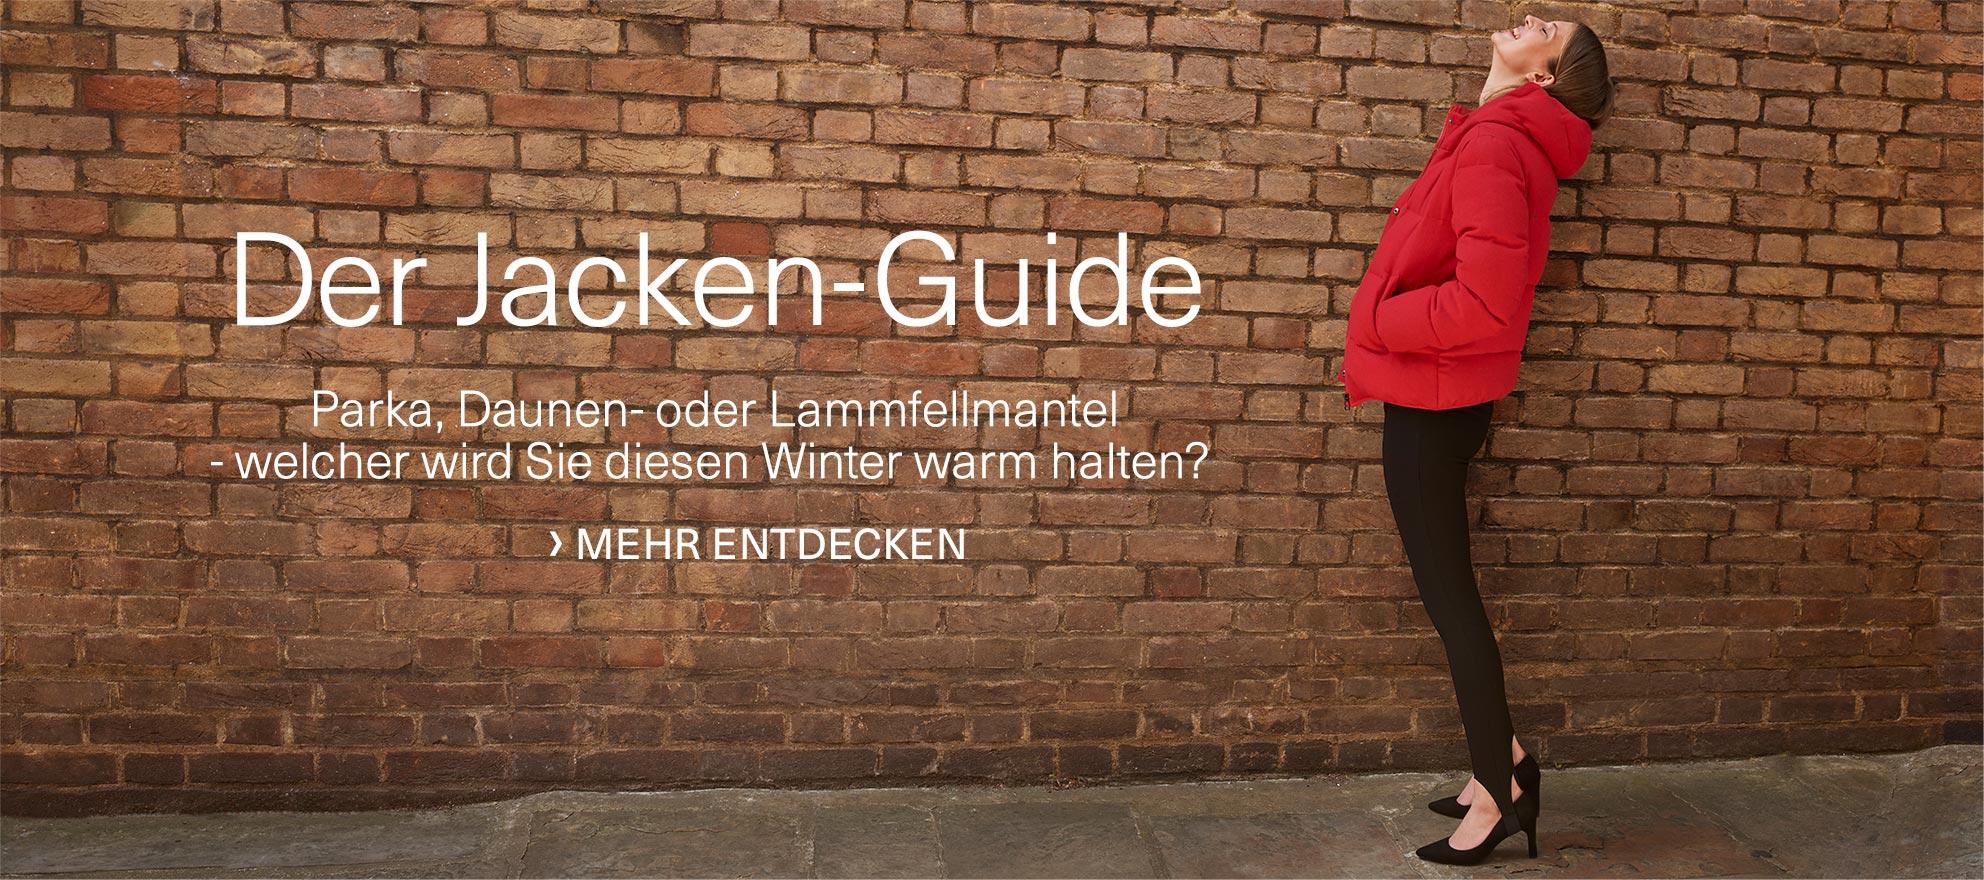 Jacken-Guide